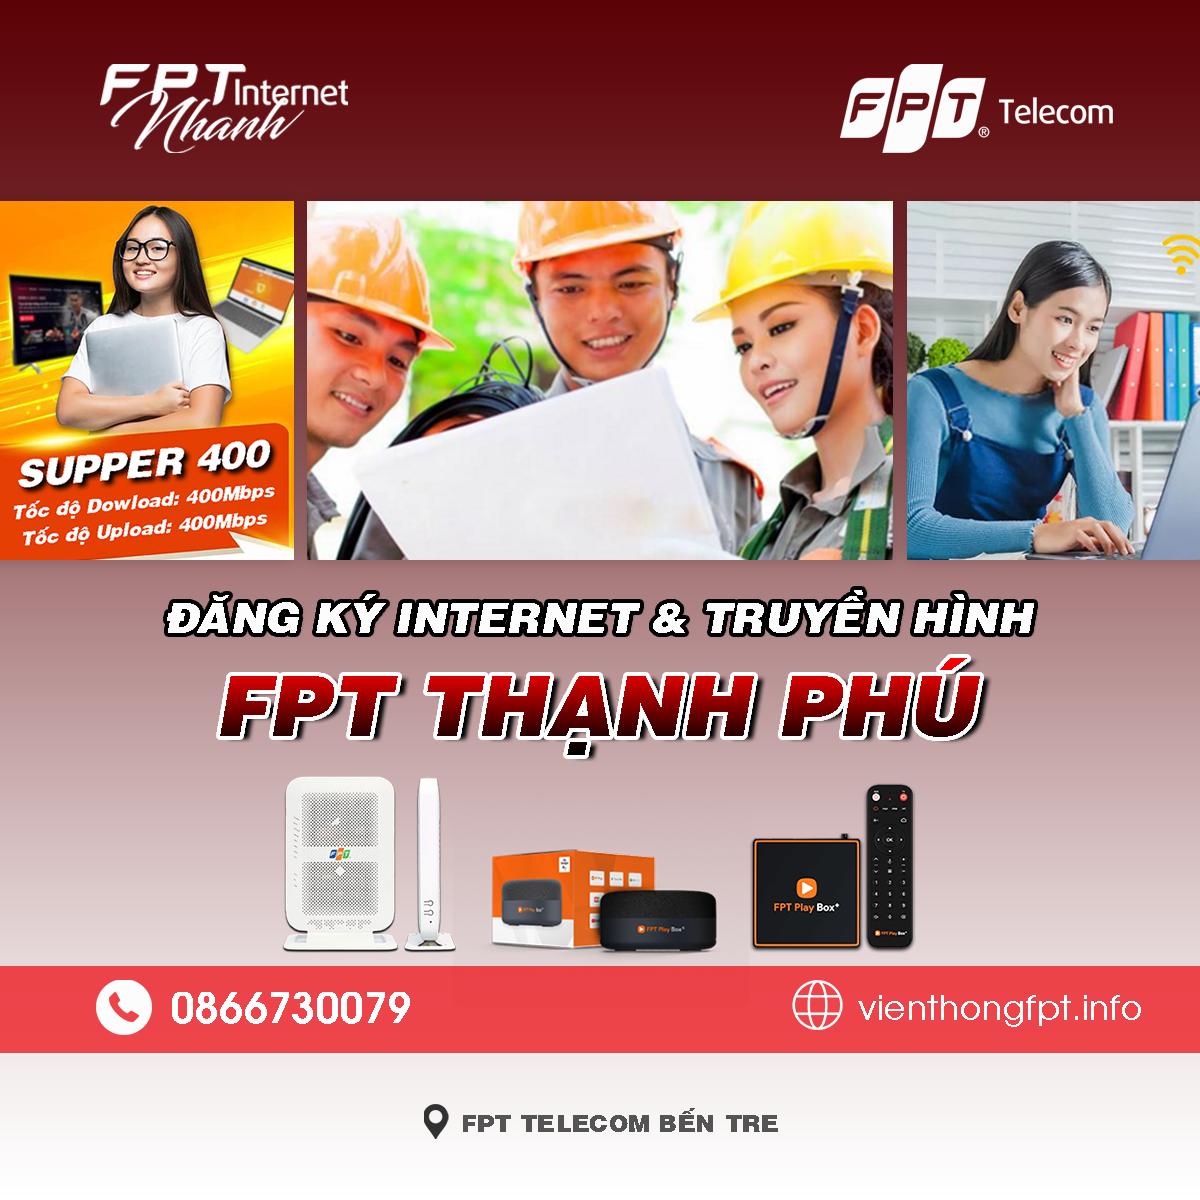 Bảng giá lắp mạng Internet và Truyền hình FPT Thạnh Phú